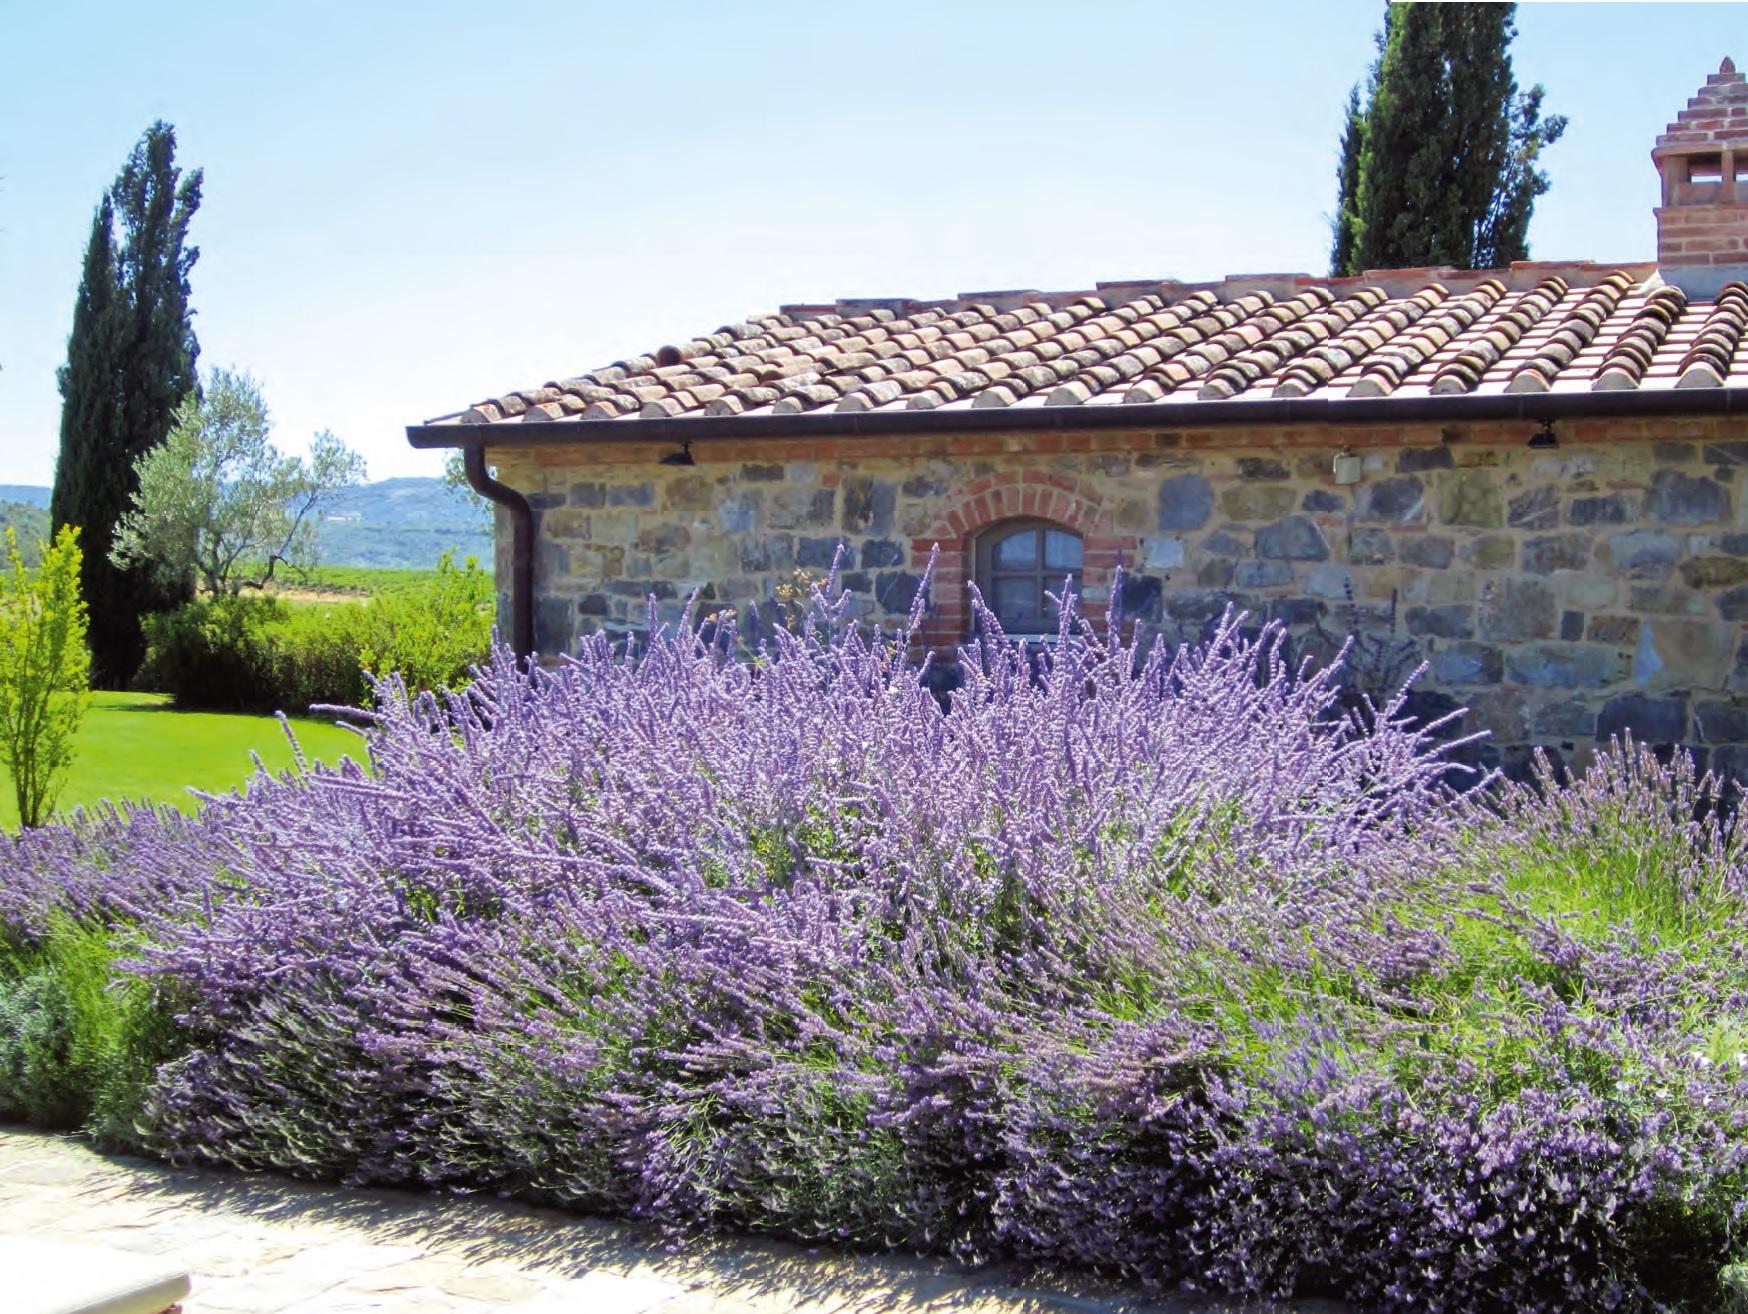 Pianta colorata e profumata la peroschia ville casali - Azalea pianta da interno o esterno ...